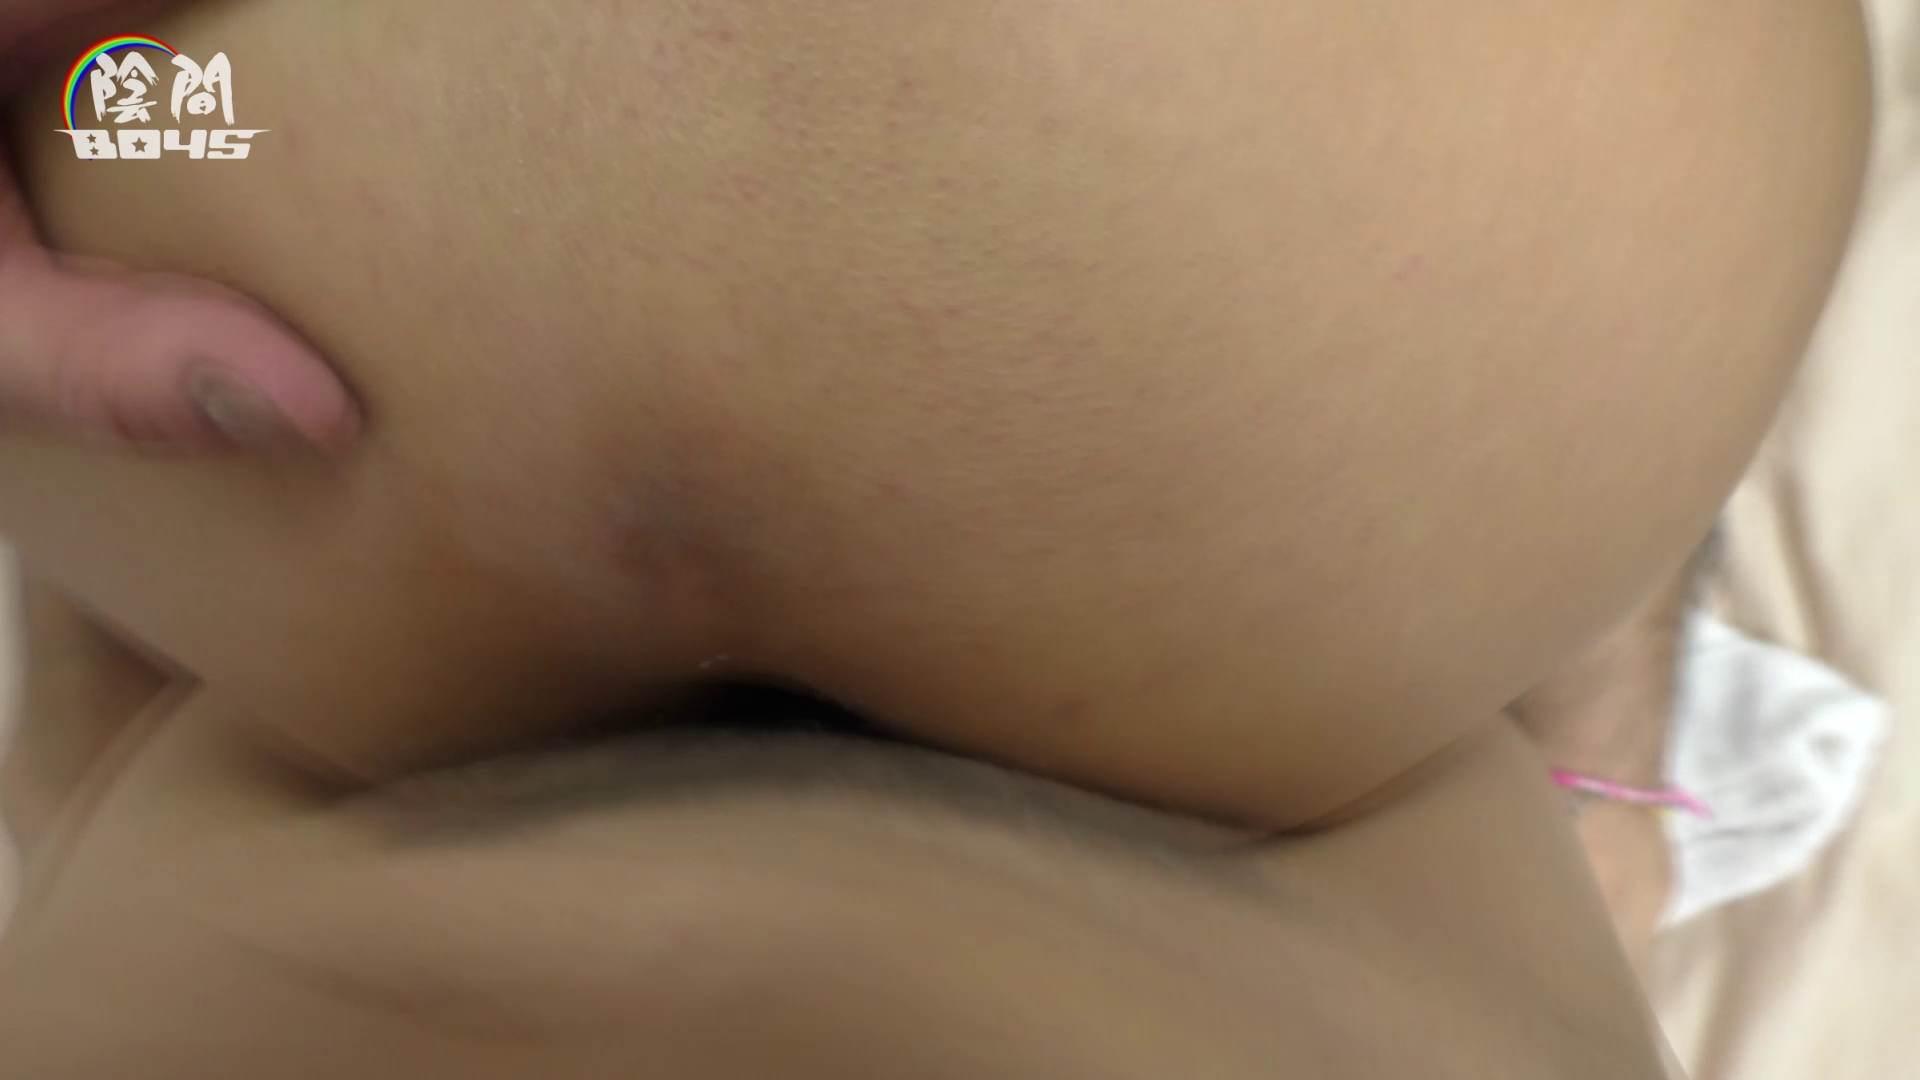 アナルは決して眠らない No.07 ザーメン ゲイ無修正動画画像 66pic 58